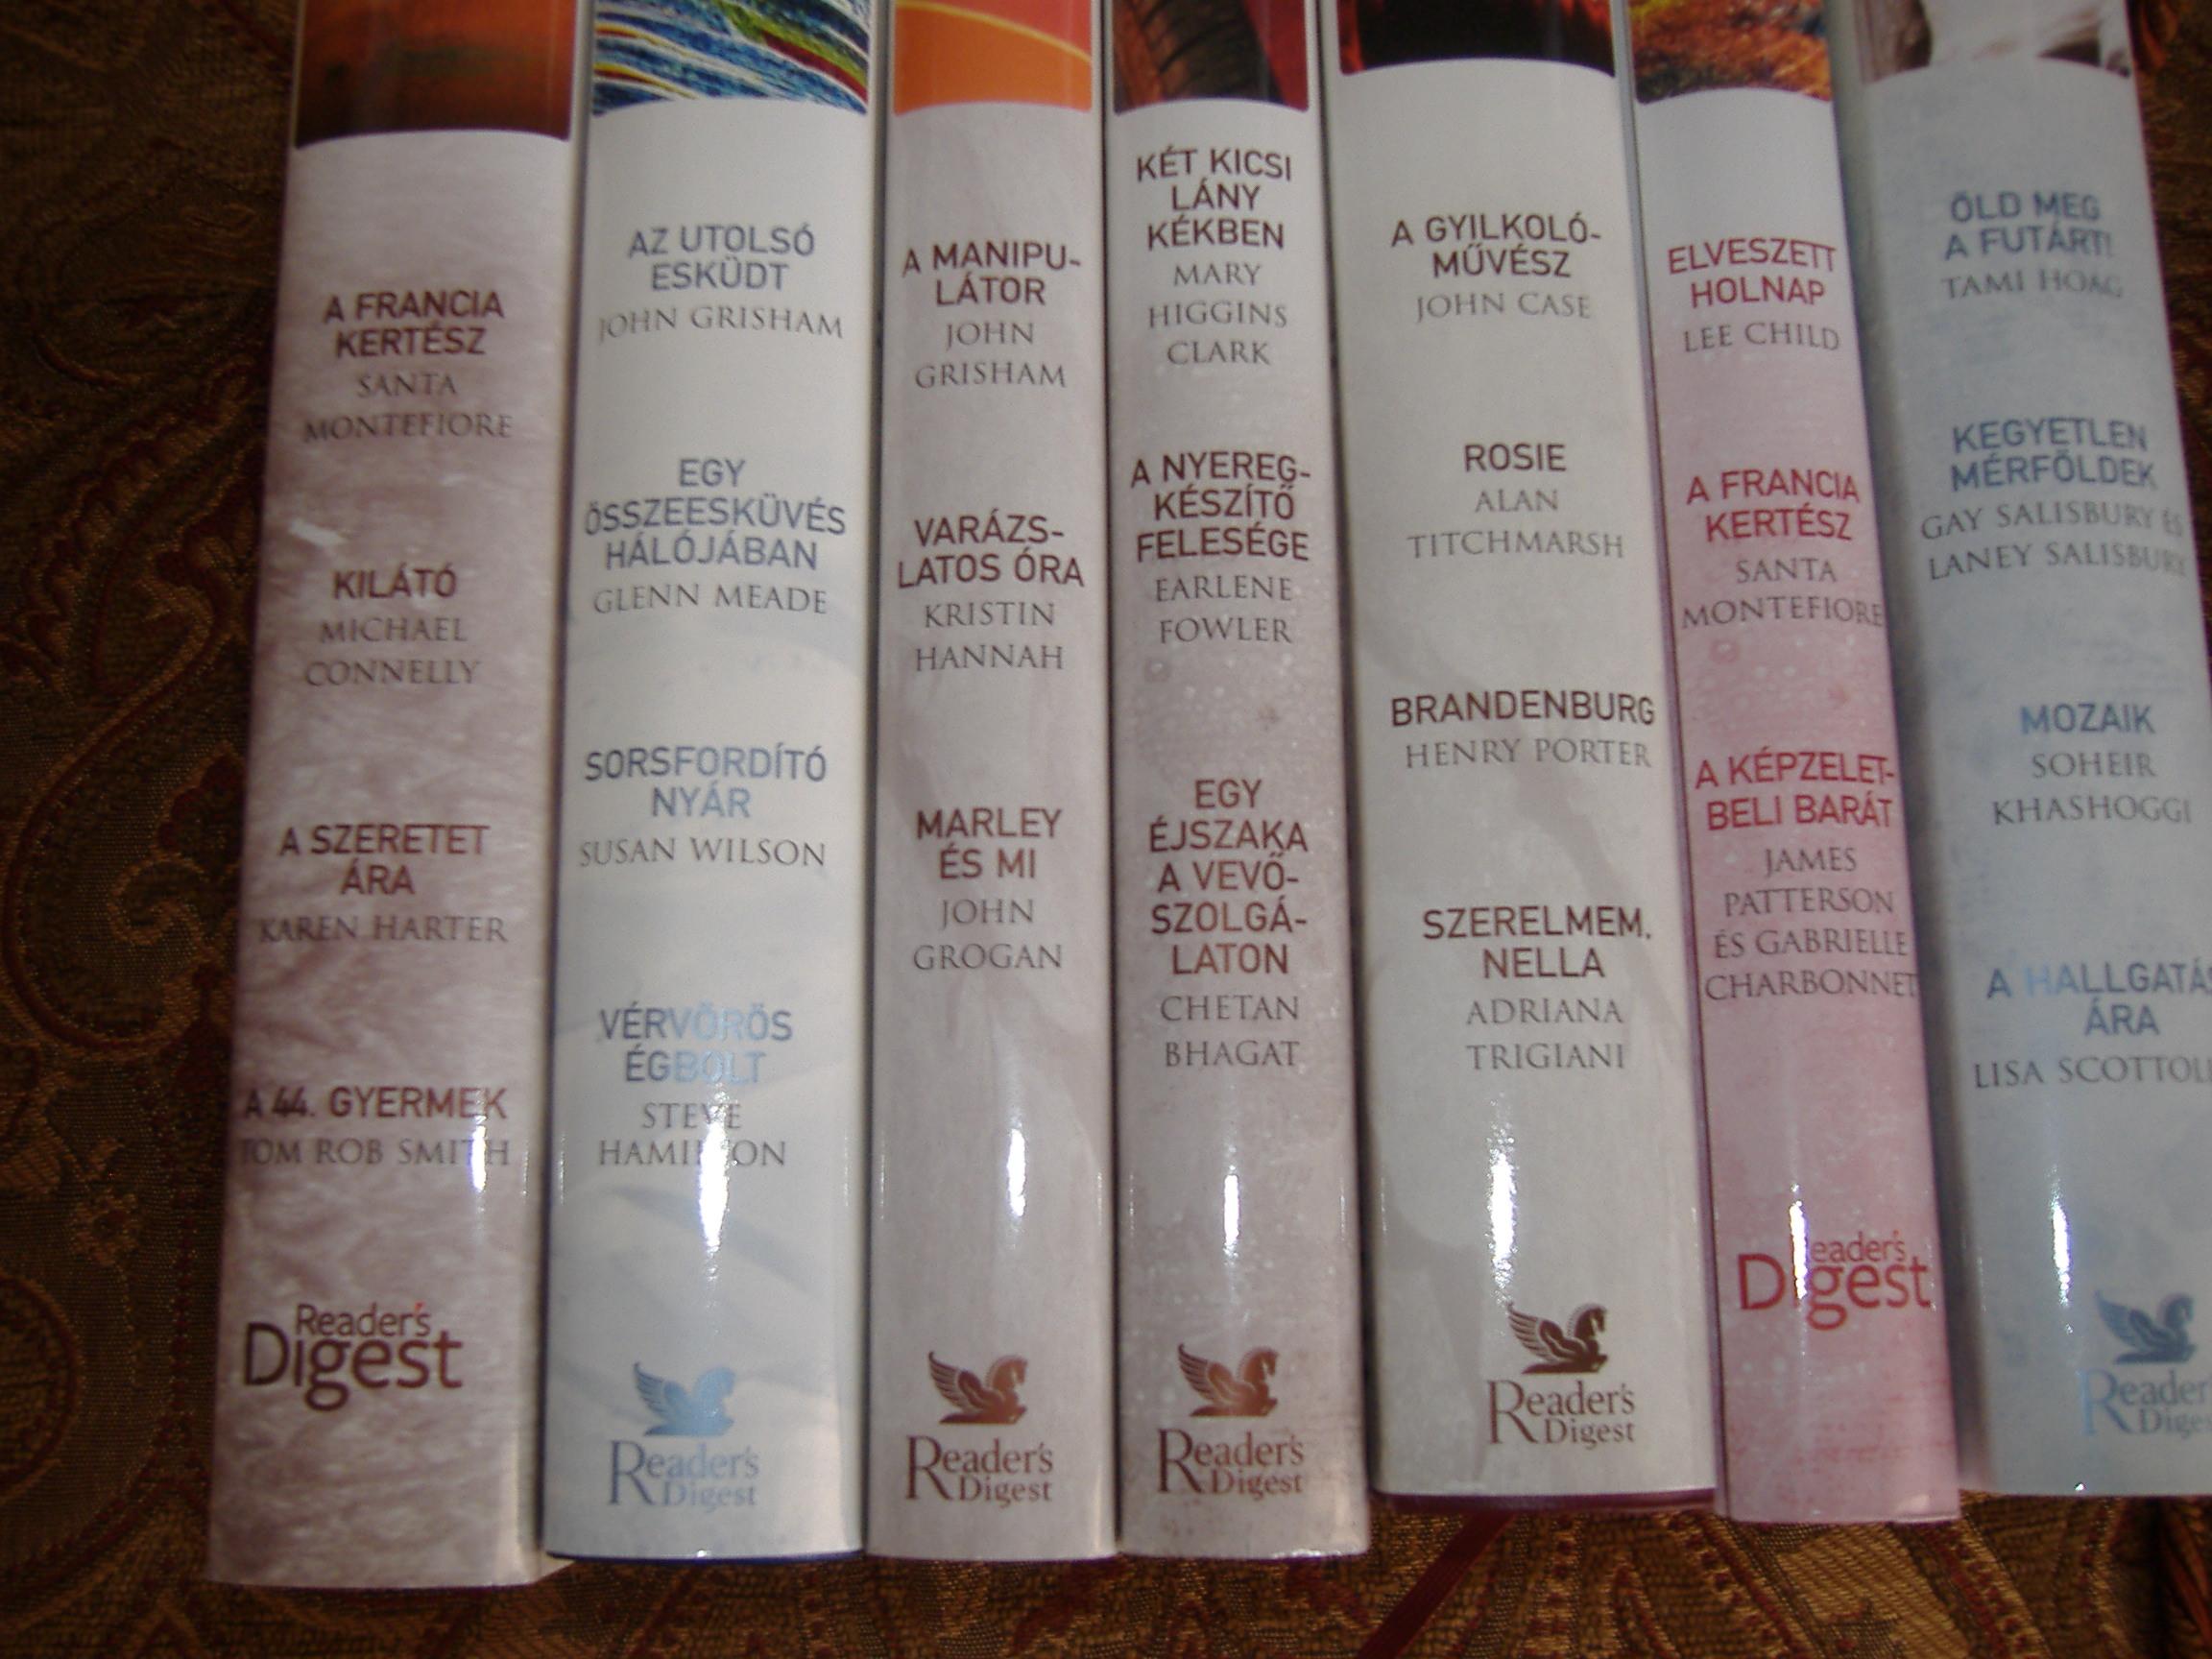 Könyv pikkelysömör minden kezels a hagyomnytl a modernig